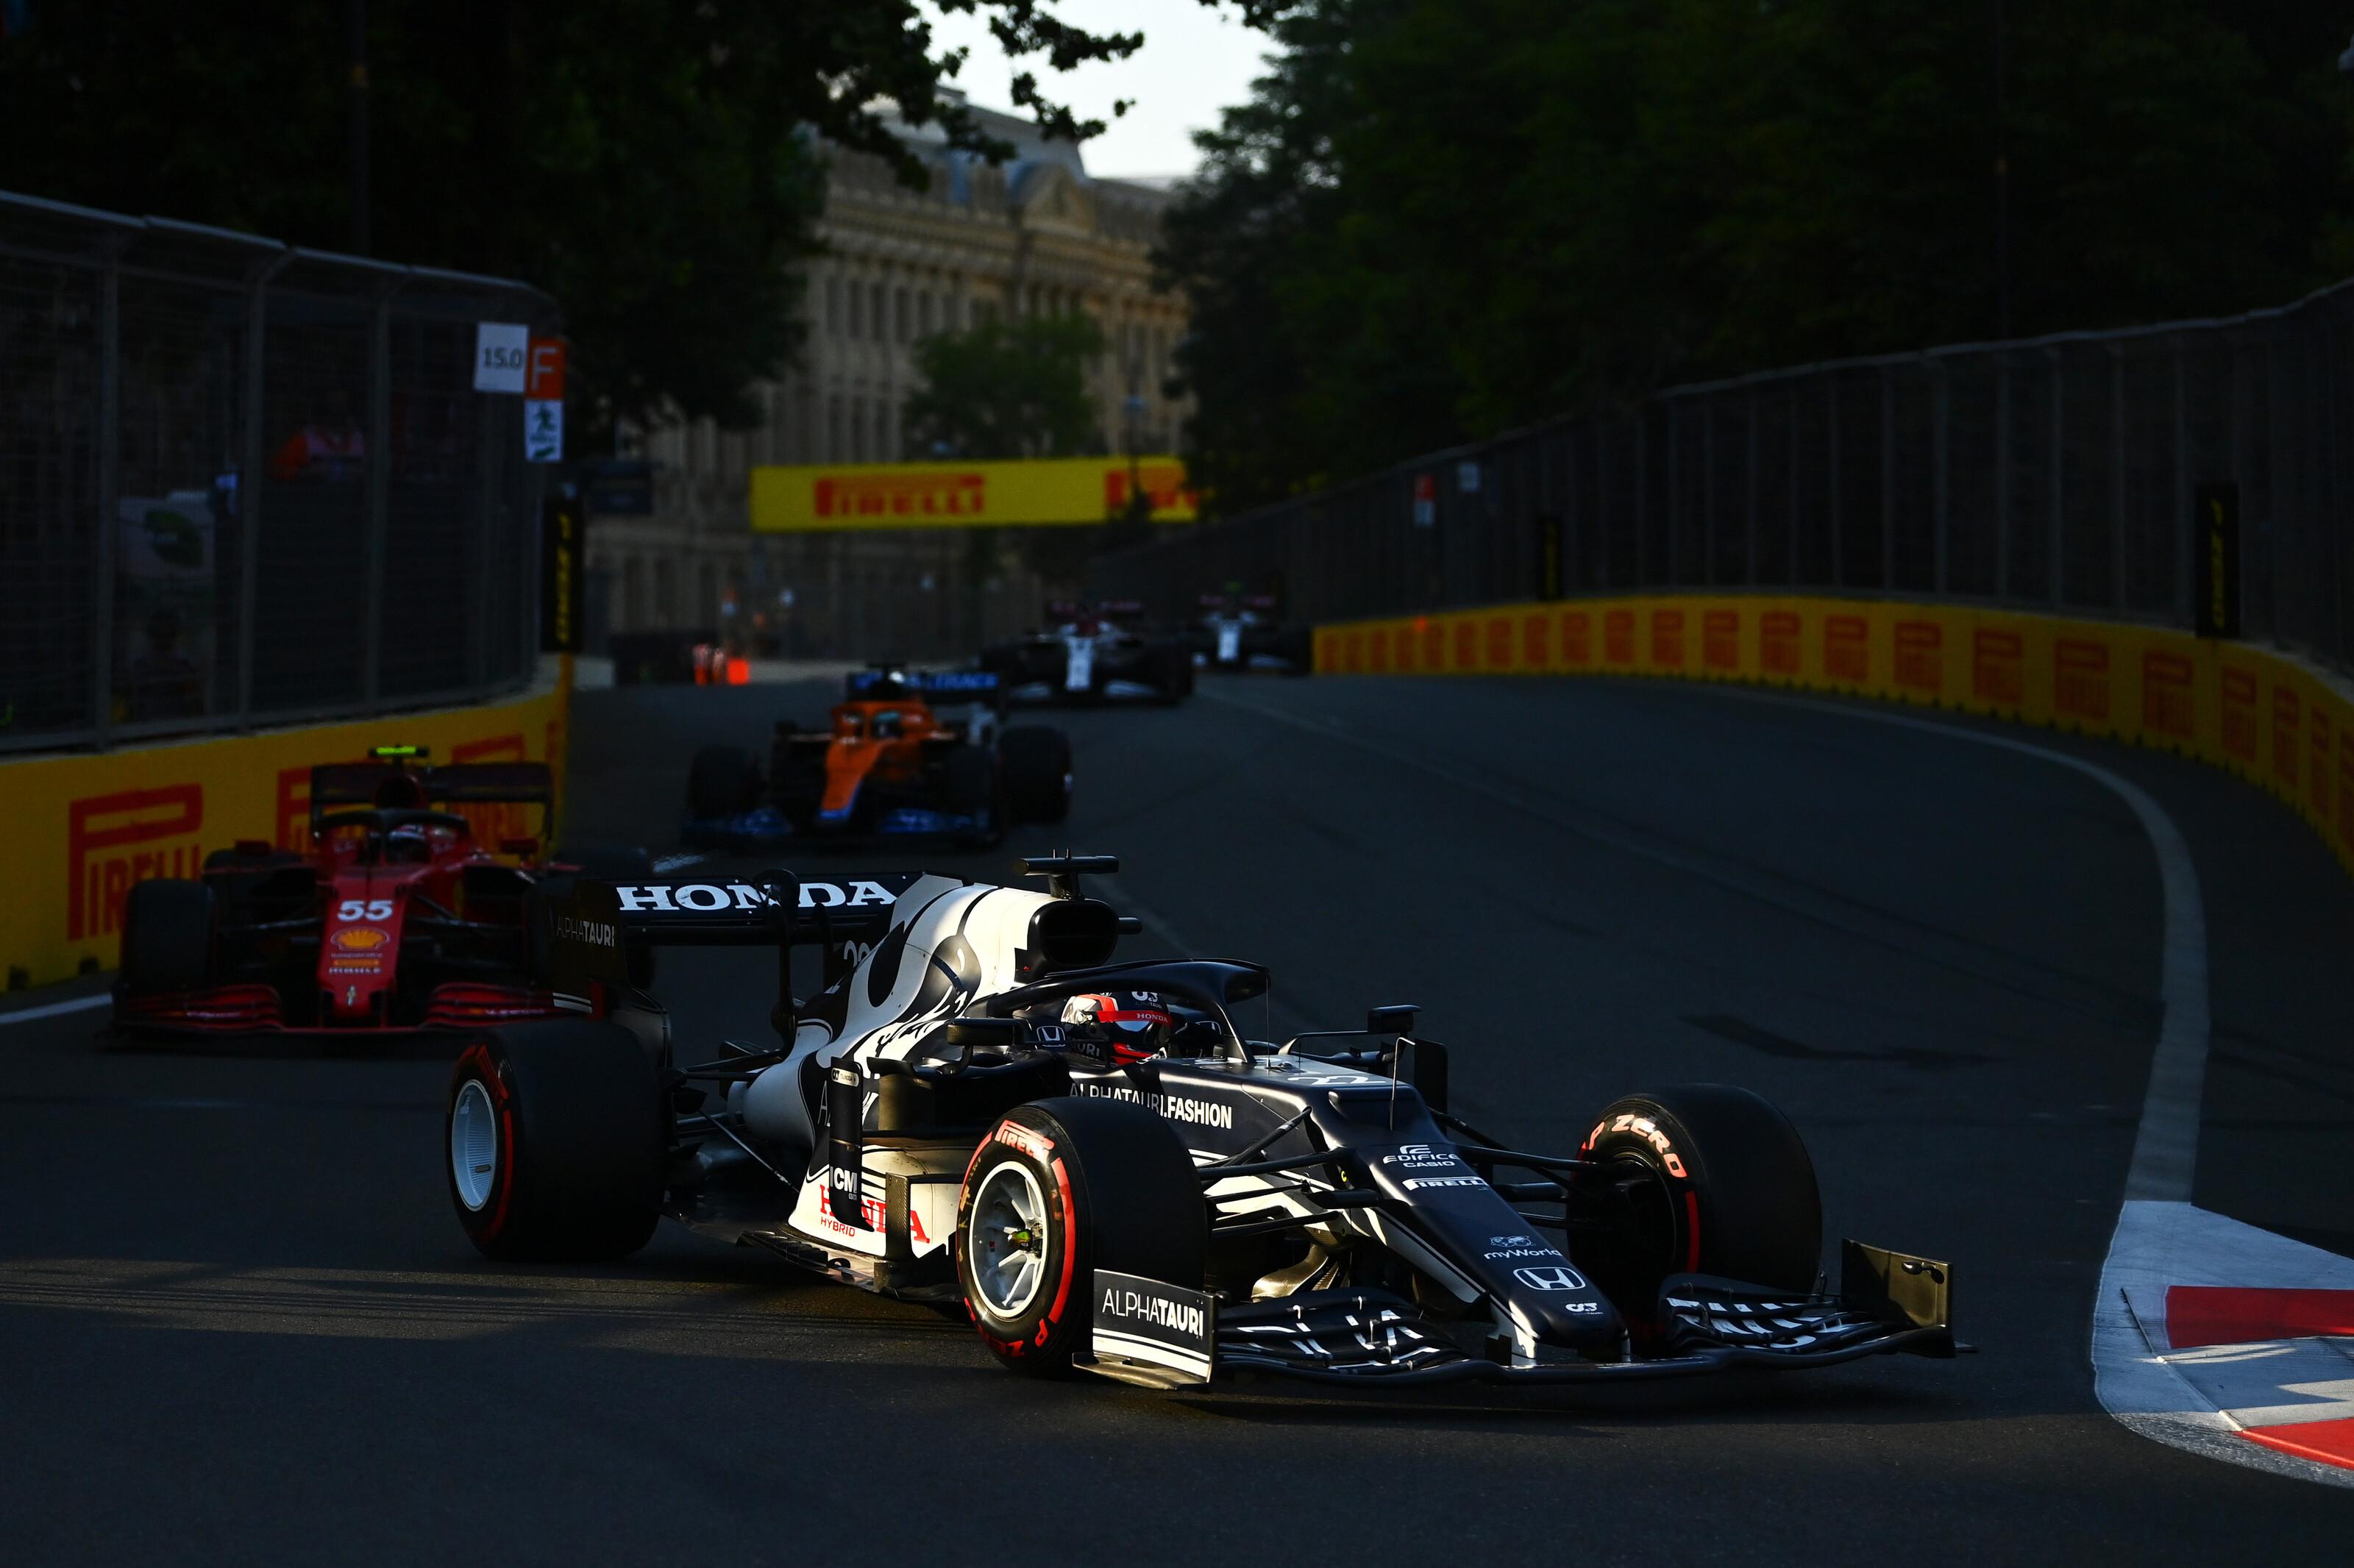 Így osztja be főnöke a hibázgató F1-es újonc idejét